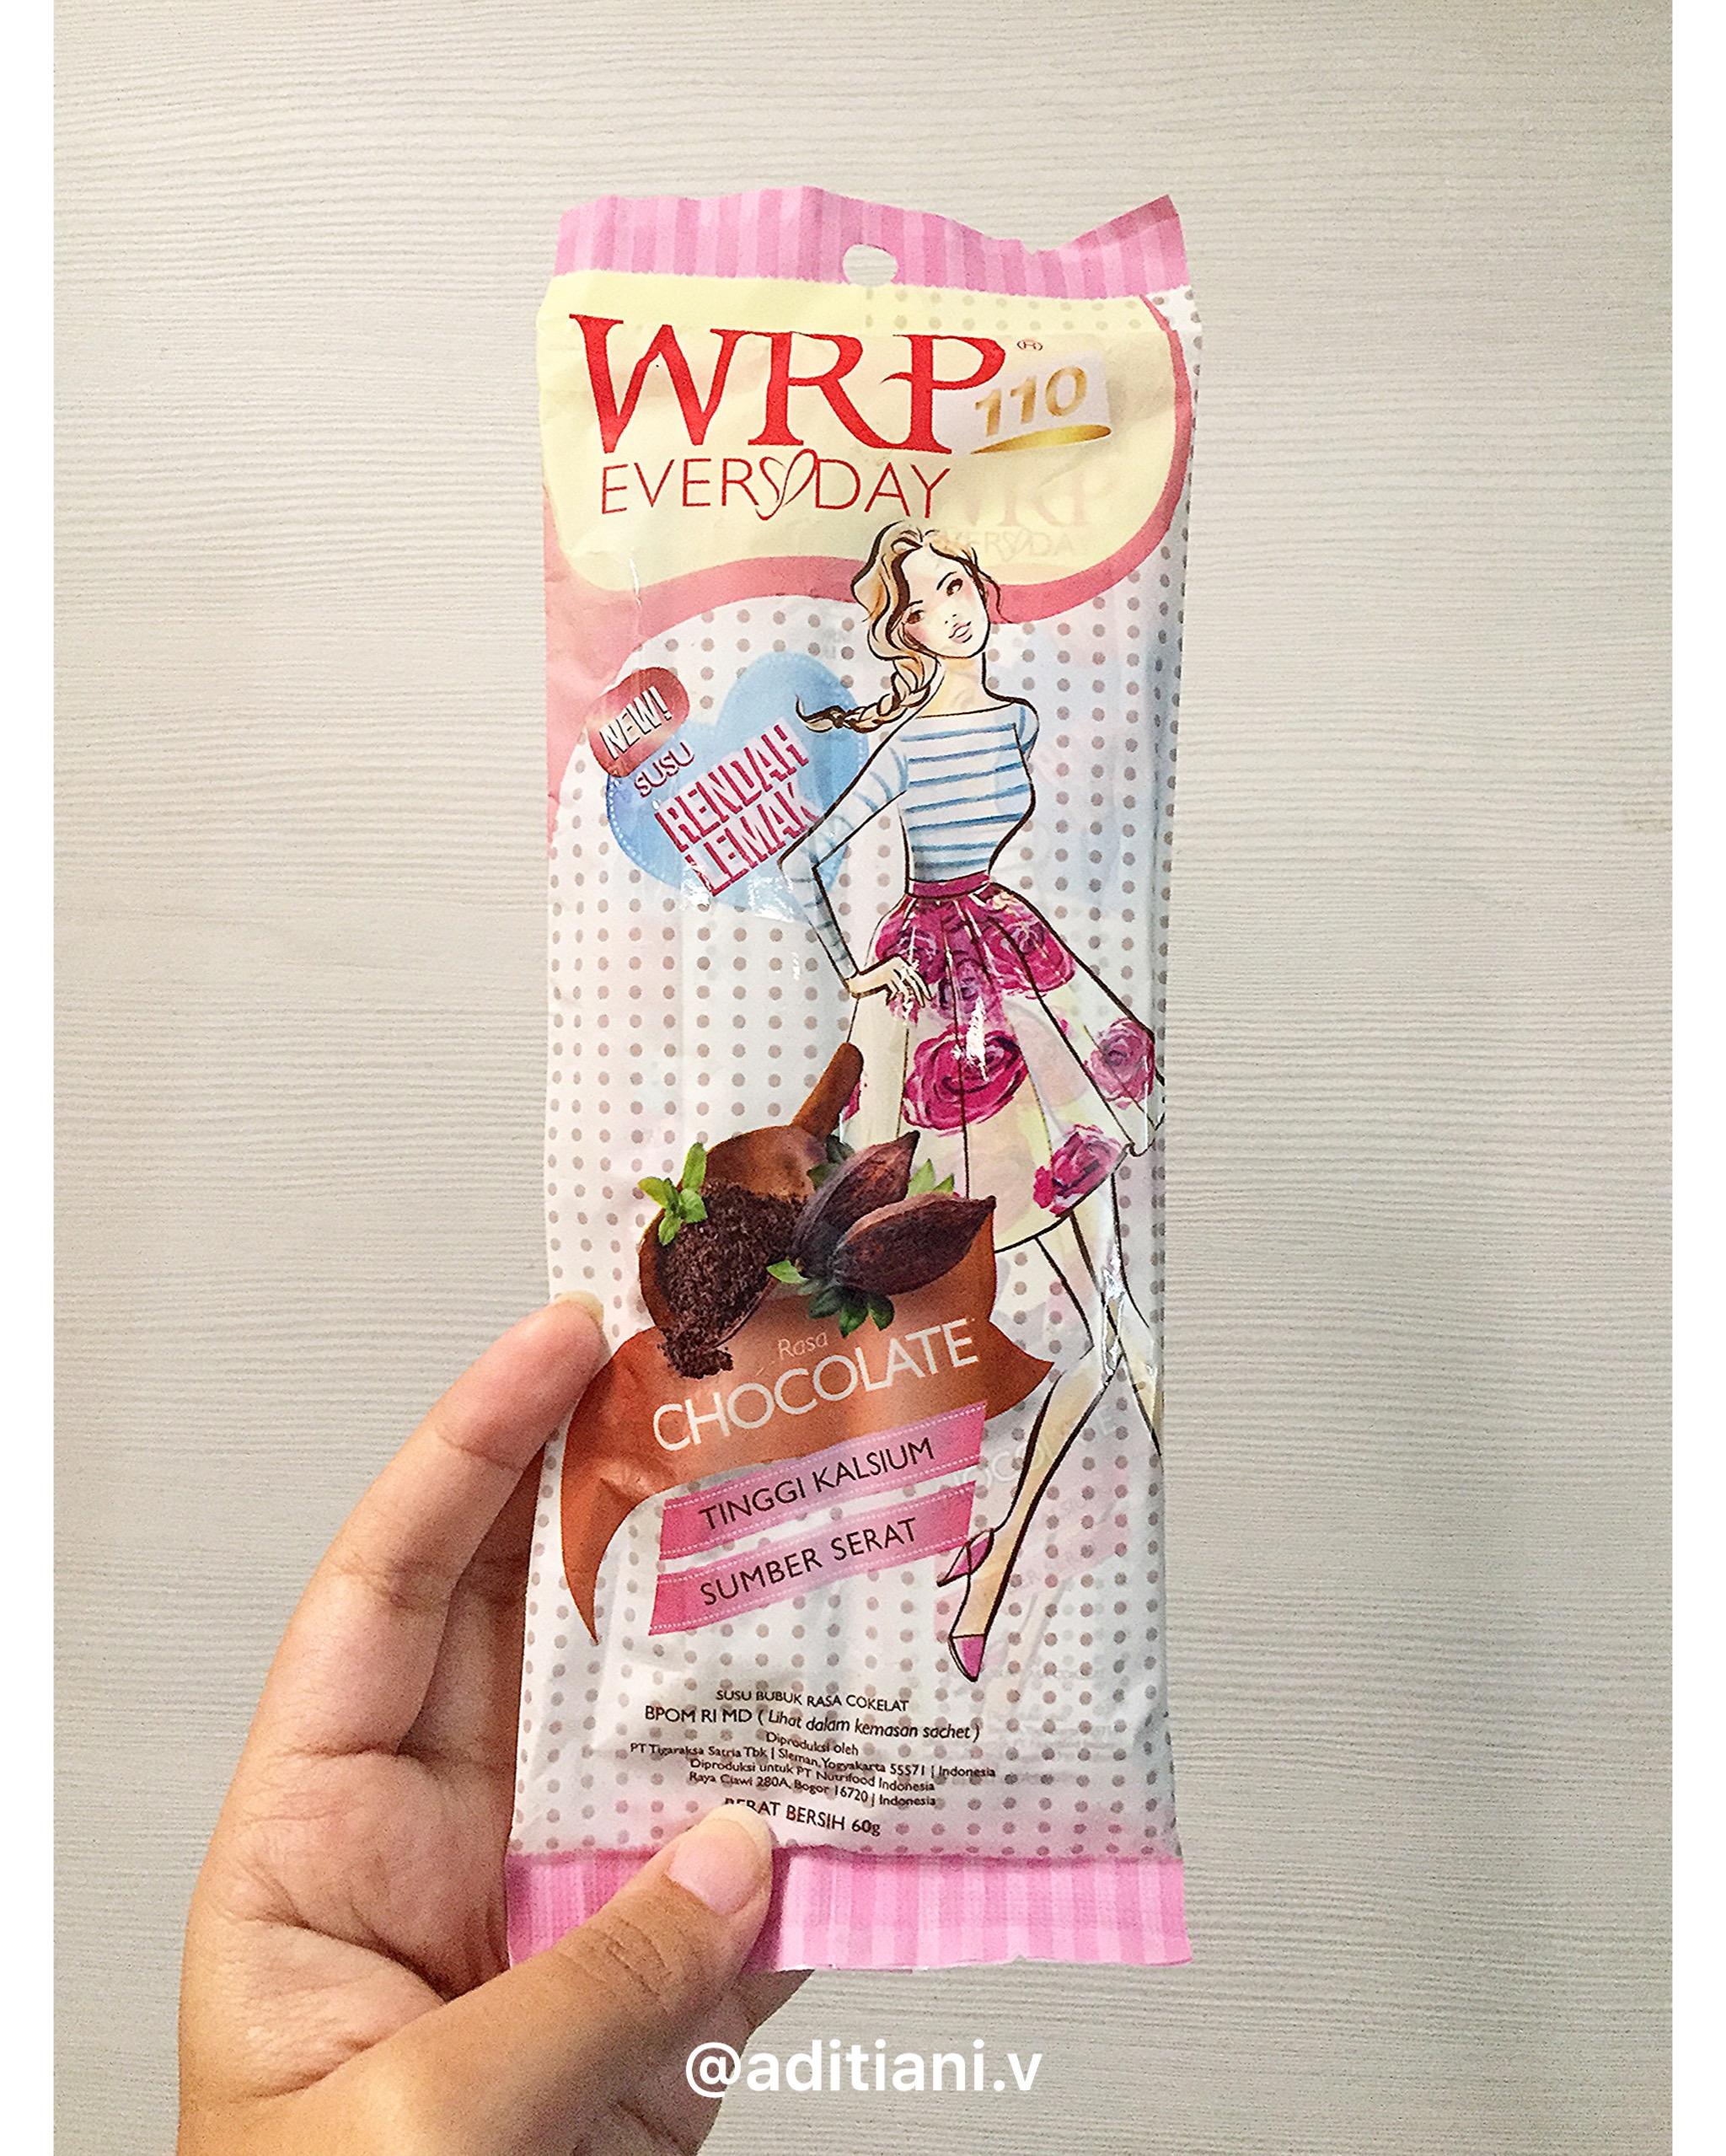 gambar review ke-4 untuk WRP Low Fat Milk